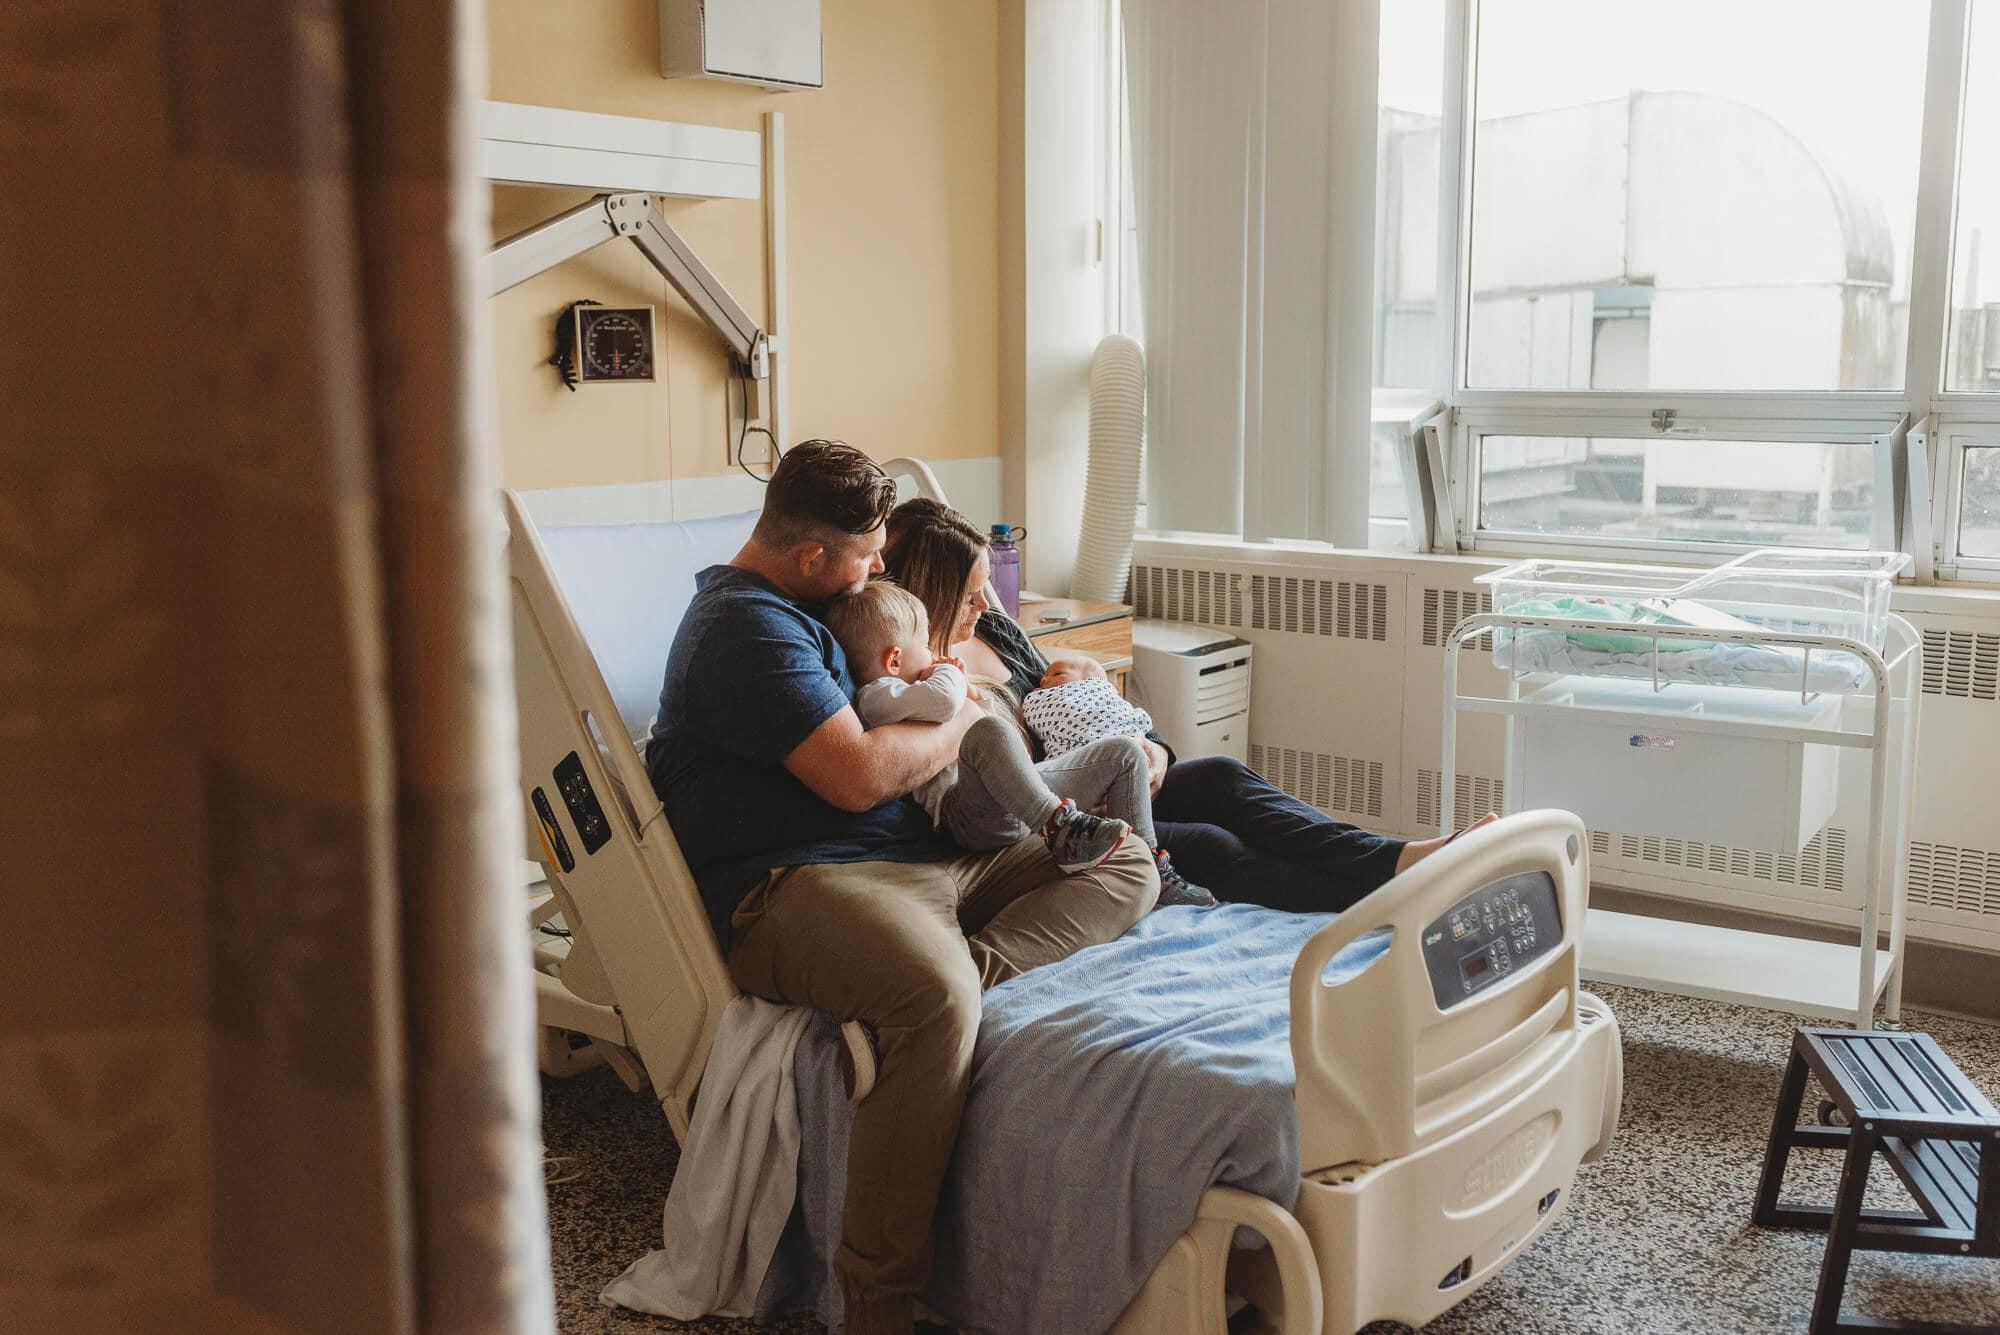 fresh 48 family in hospital room